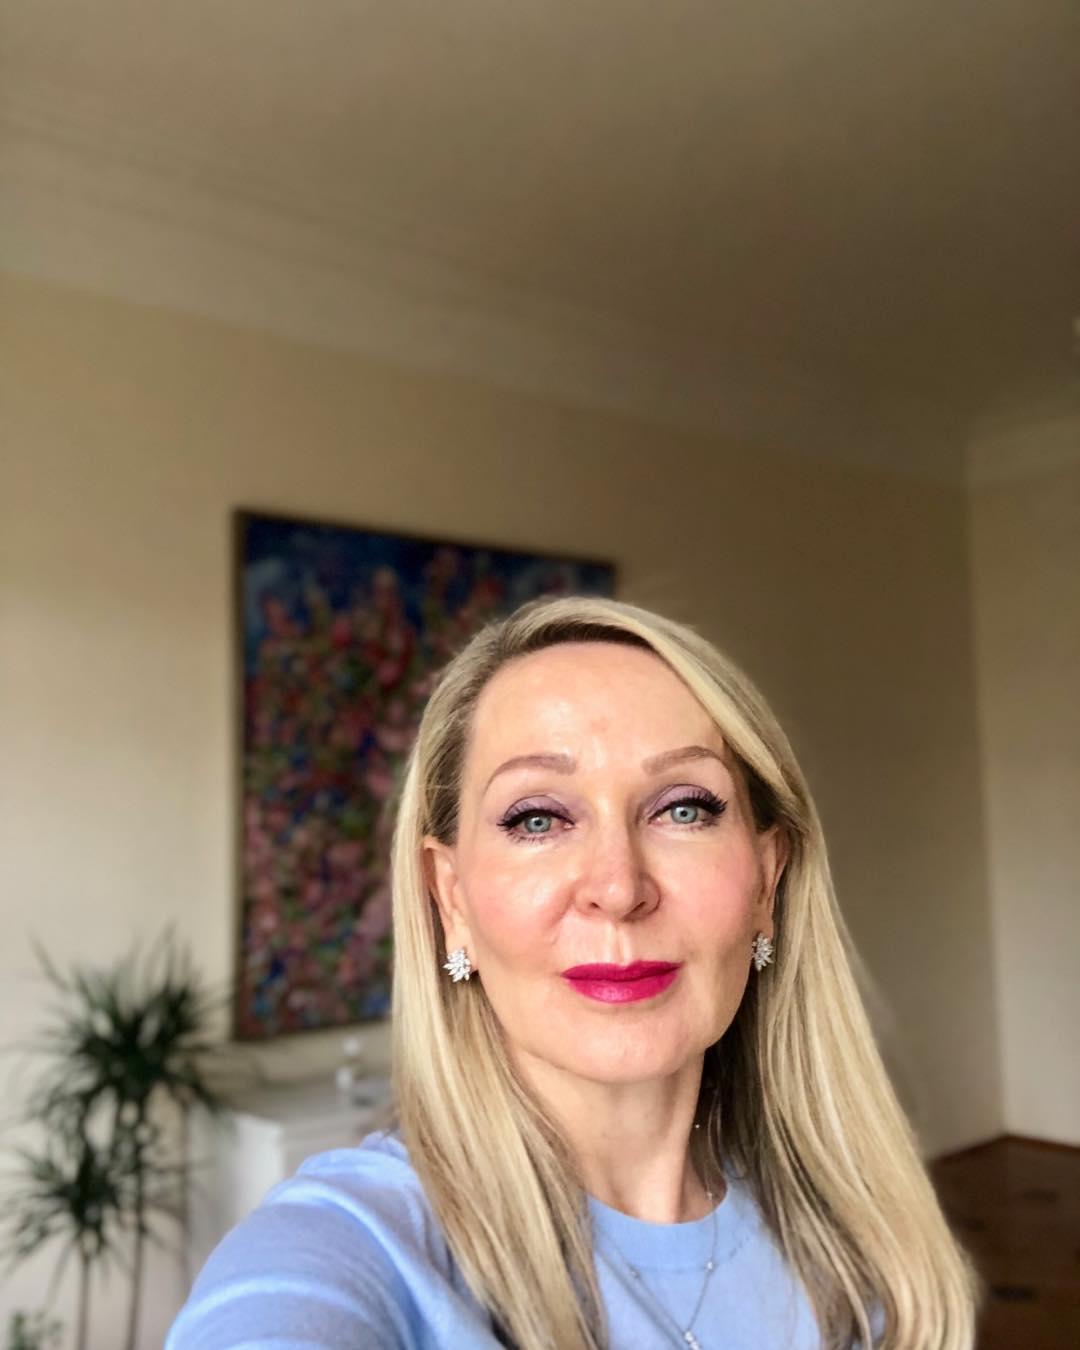 Татьяна Конкина: биография, личная жизнь, муж, дети, семья